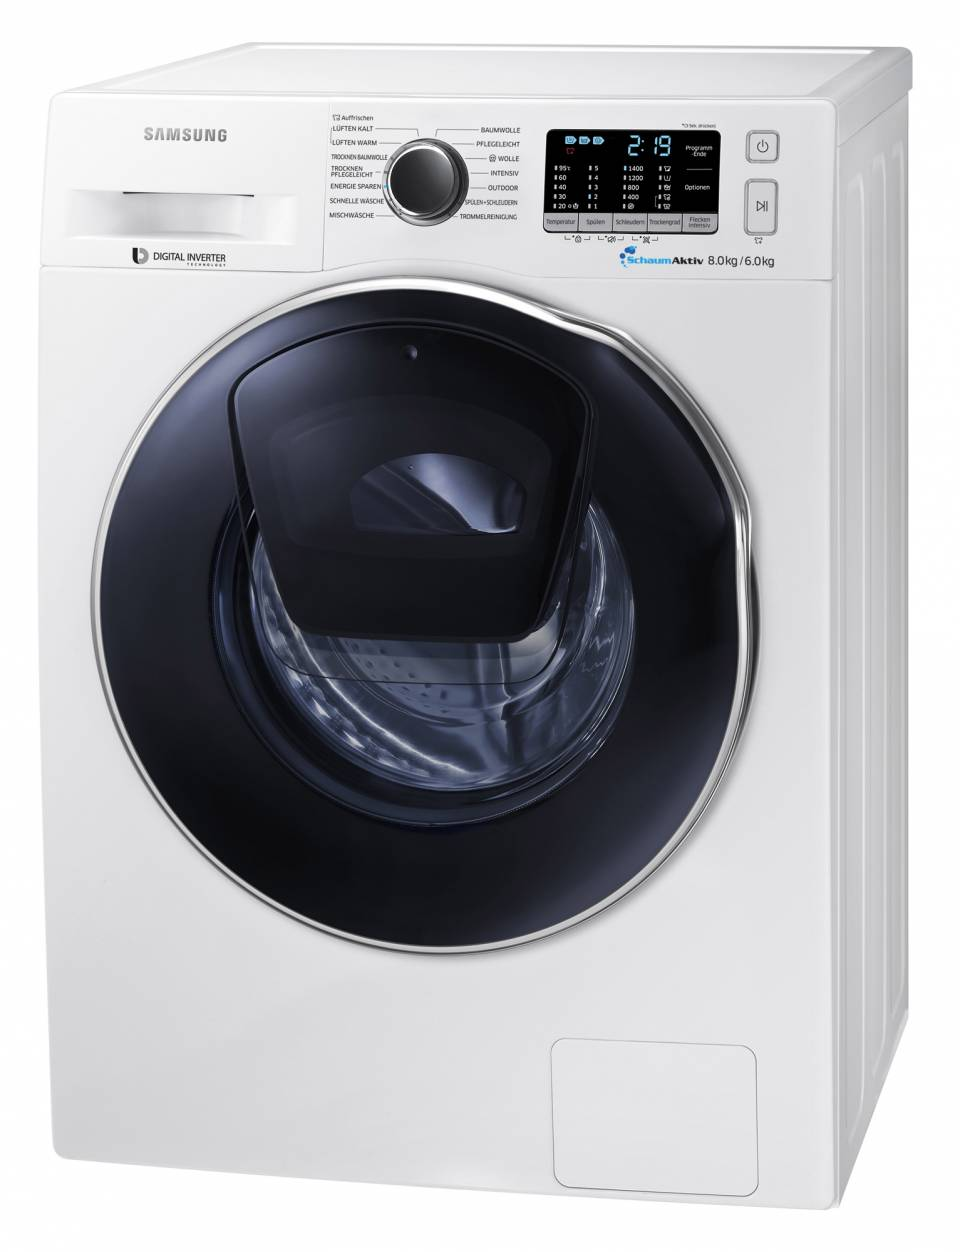 Samsung Waschtrockner AddWash WD5500 mit Zusatztür im Bullauge.